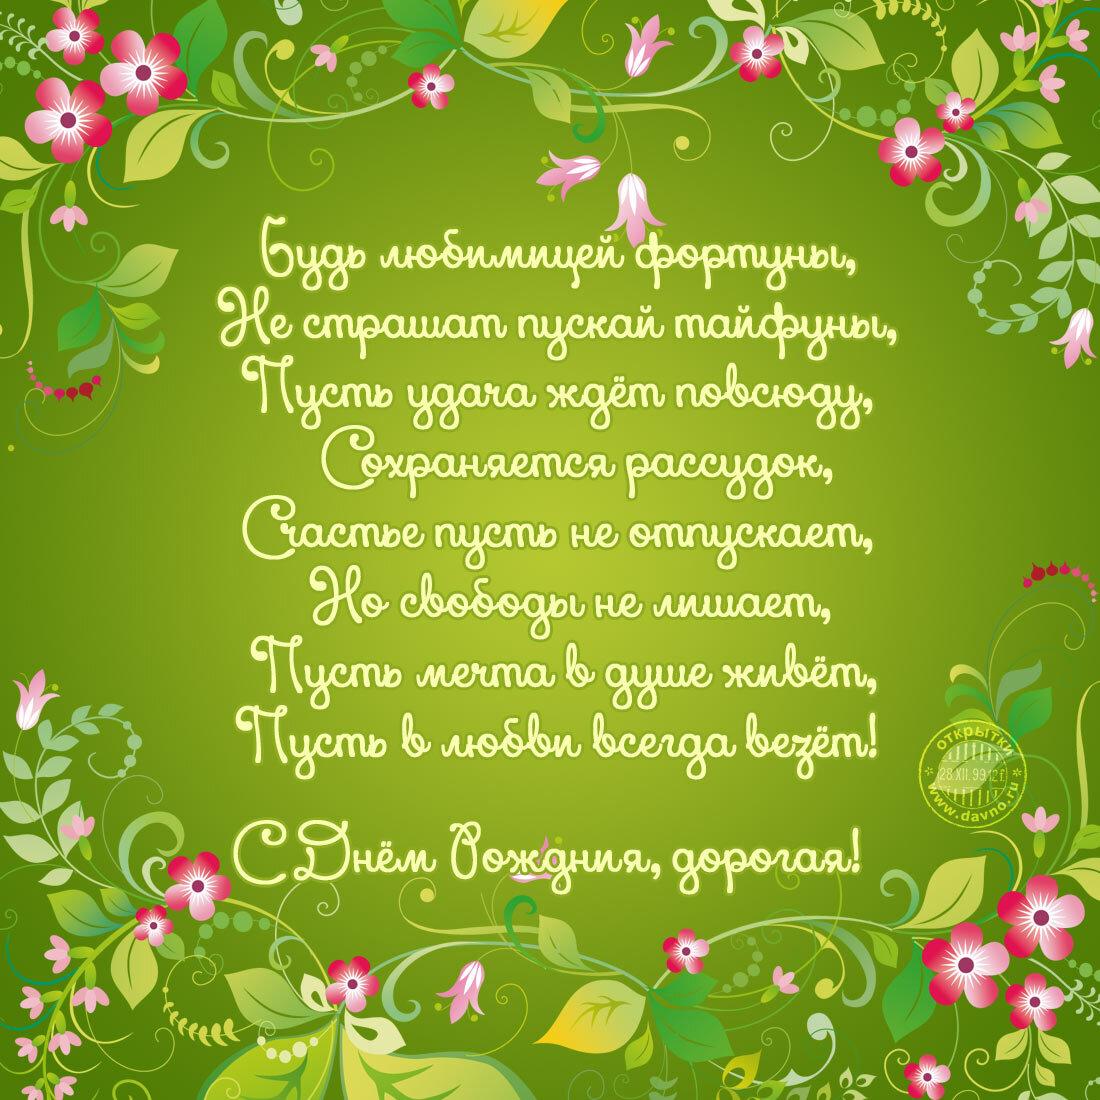 Поздравительный стих для открытки